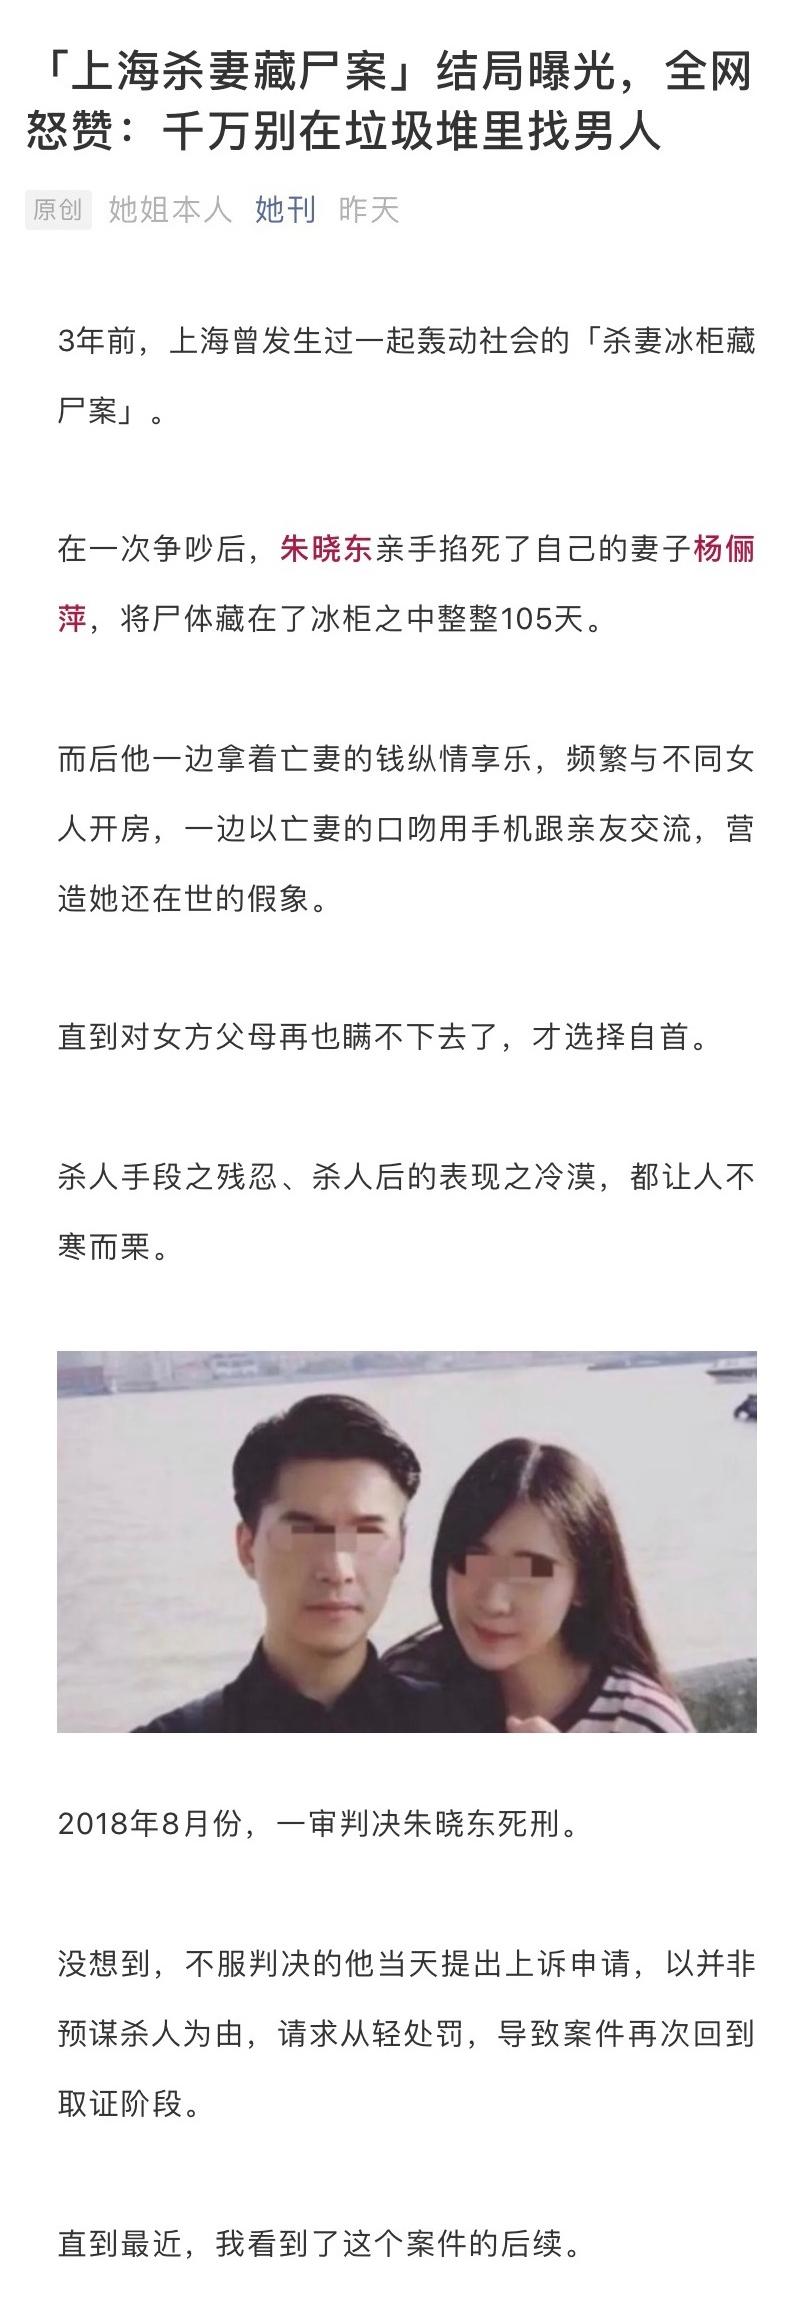 上海杀妻藏尸案